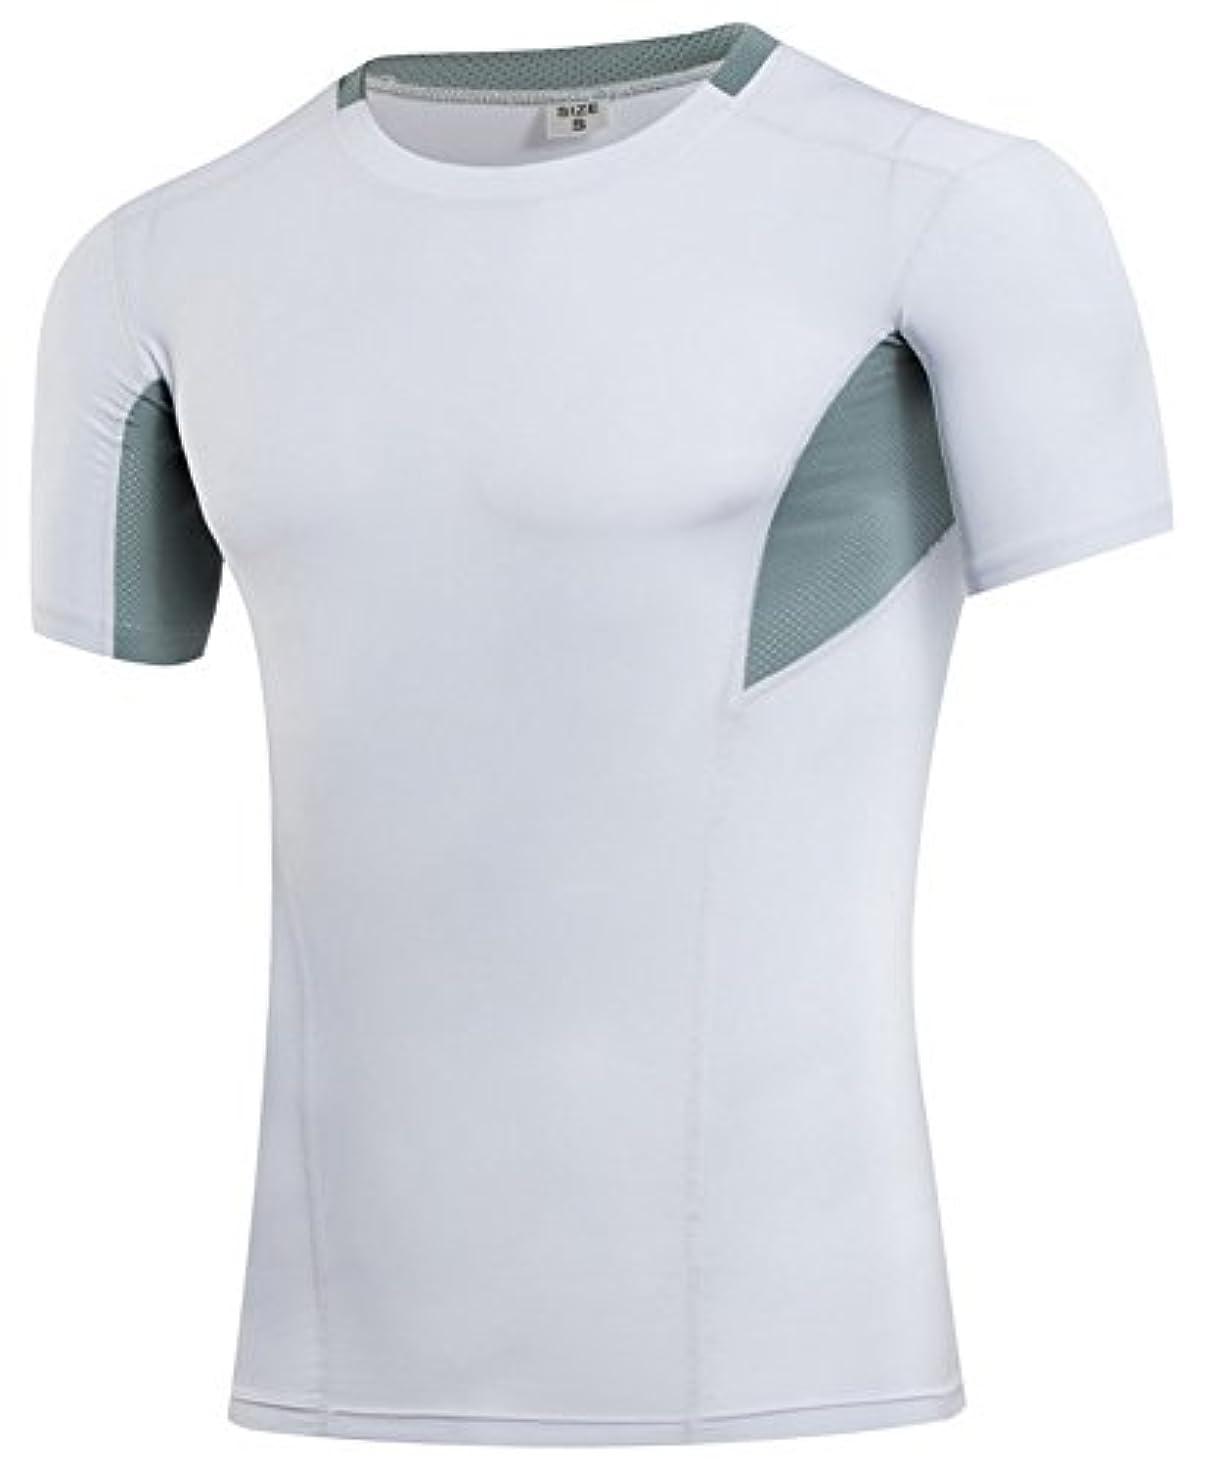 芽小数生態学Vocni(ワクニー)加圧シャツ メンズ 加圧インナー メンズ コンプレッションウェア 加圧Tシャツ 男性 背筋補正スポーツ 姿勢補助 サポーター メンズインナー 半袖